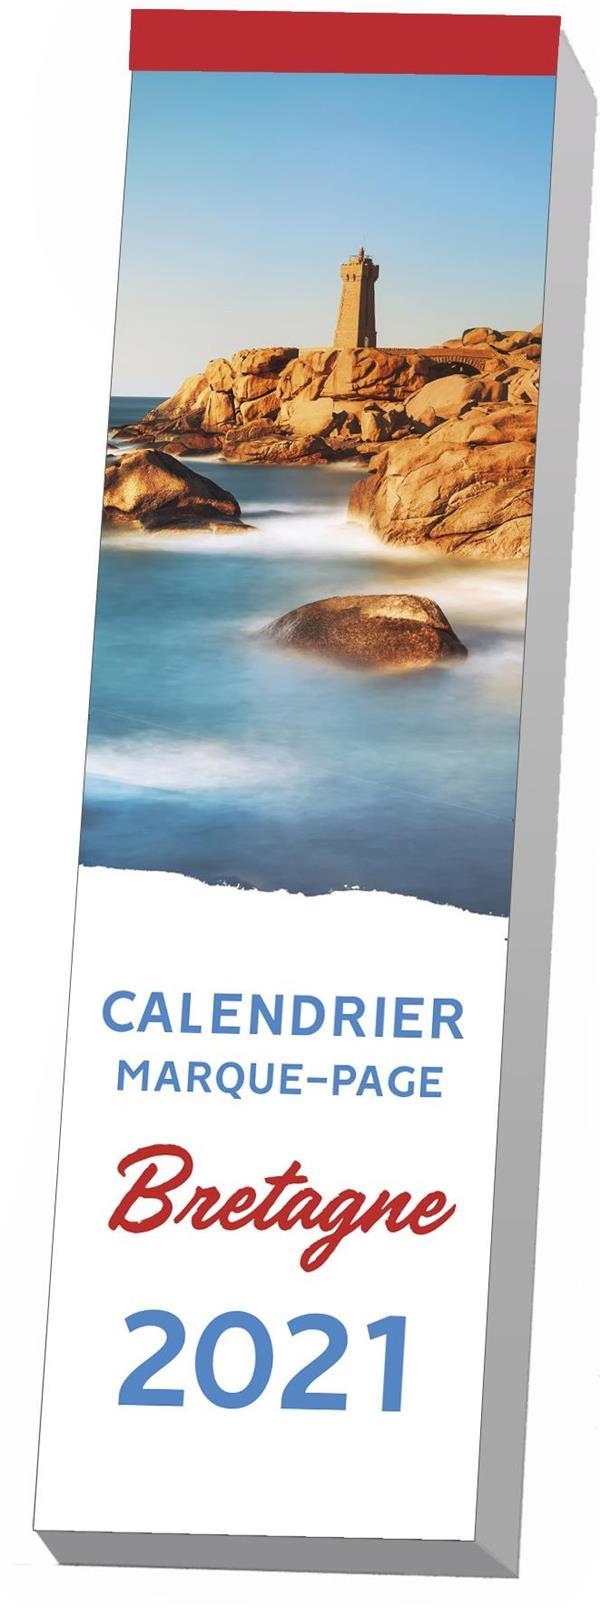 LE CALENDRIER MARQUE-PAGE BRETAGNE 2021